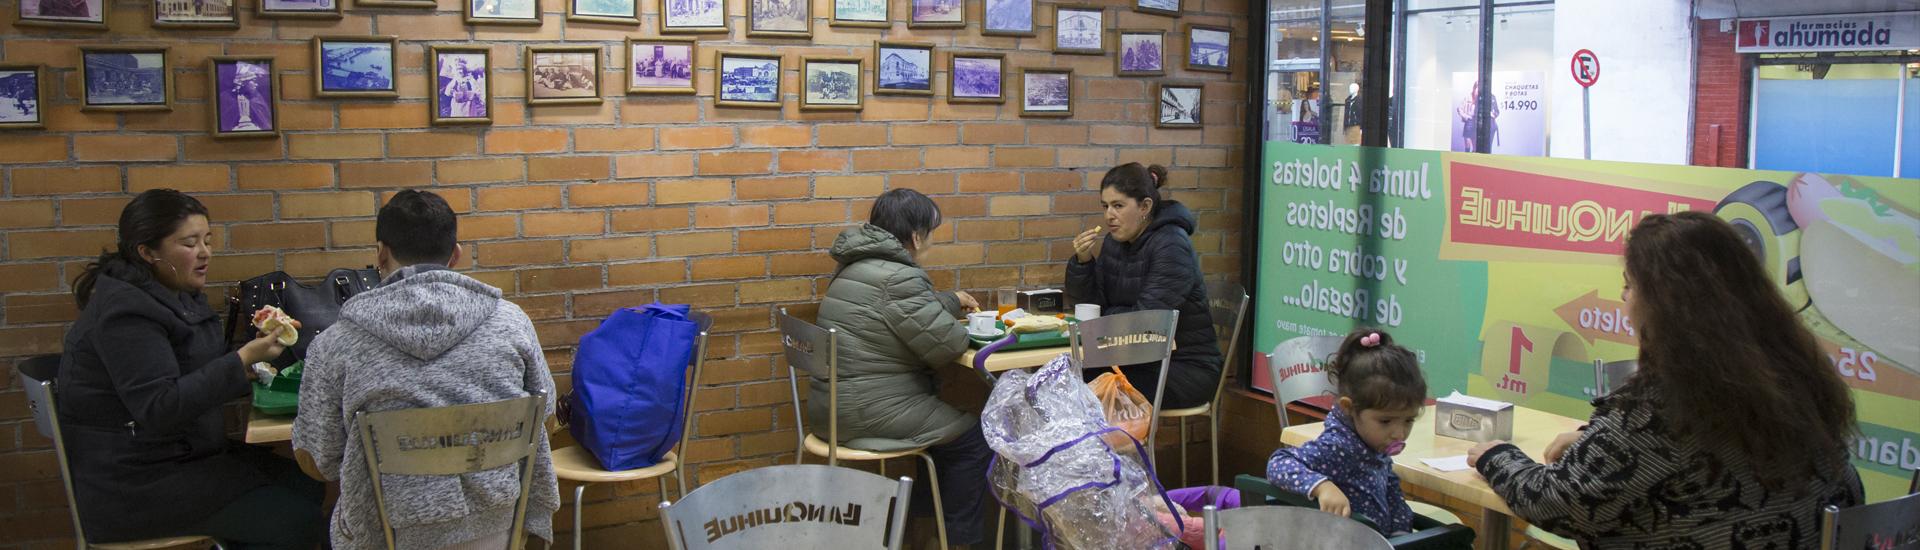 Comida rápida concepción | Completos y Sandwich LLanquihue